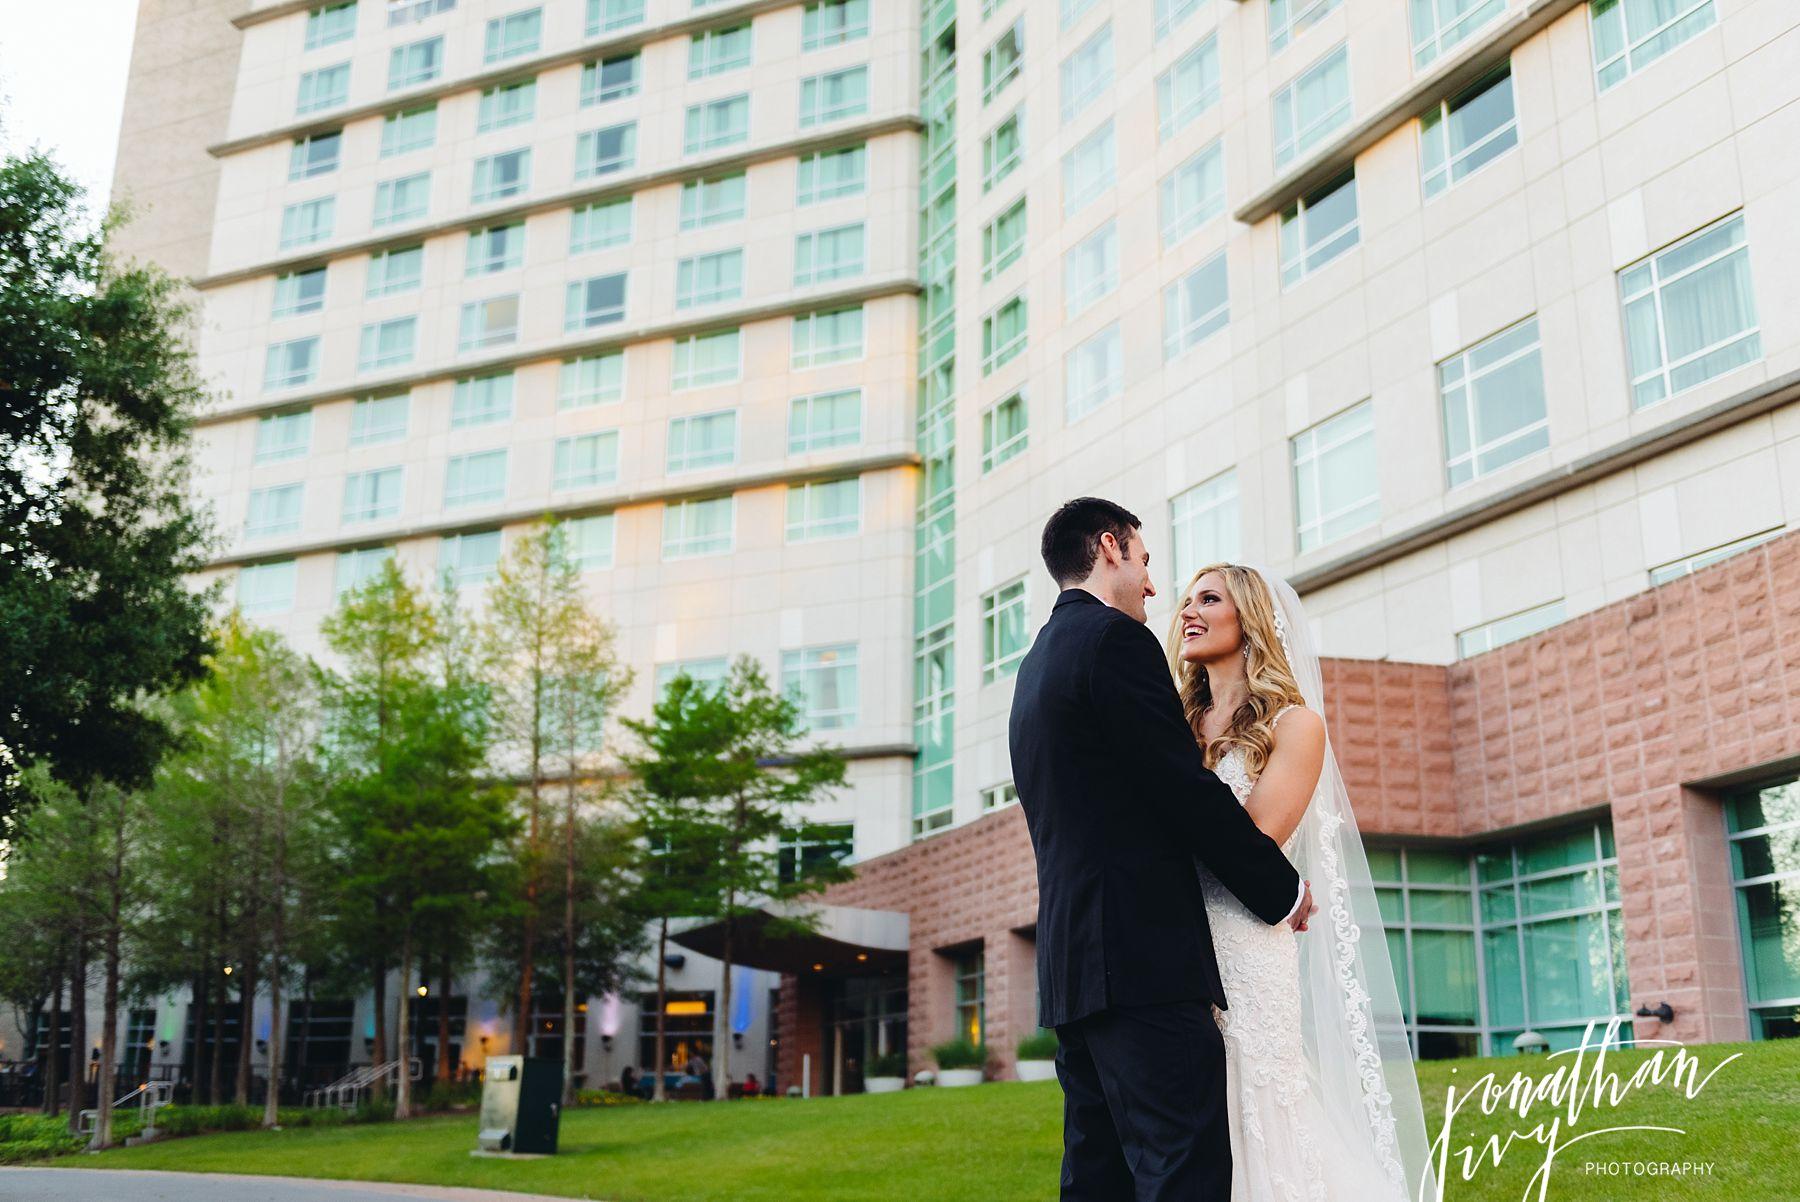 The Woodlands Marriott Waterway Wedding Photographer